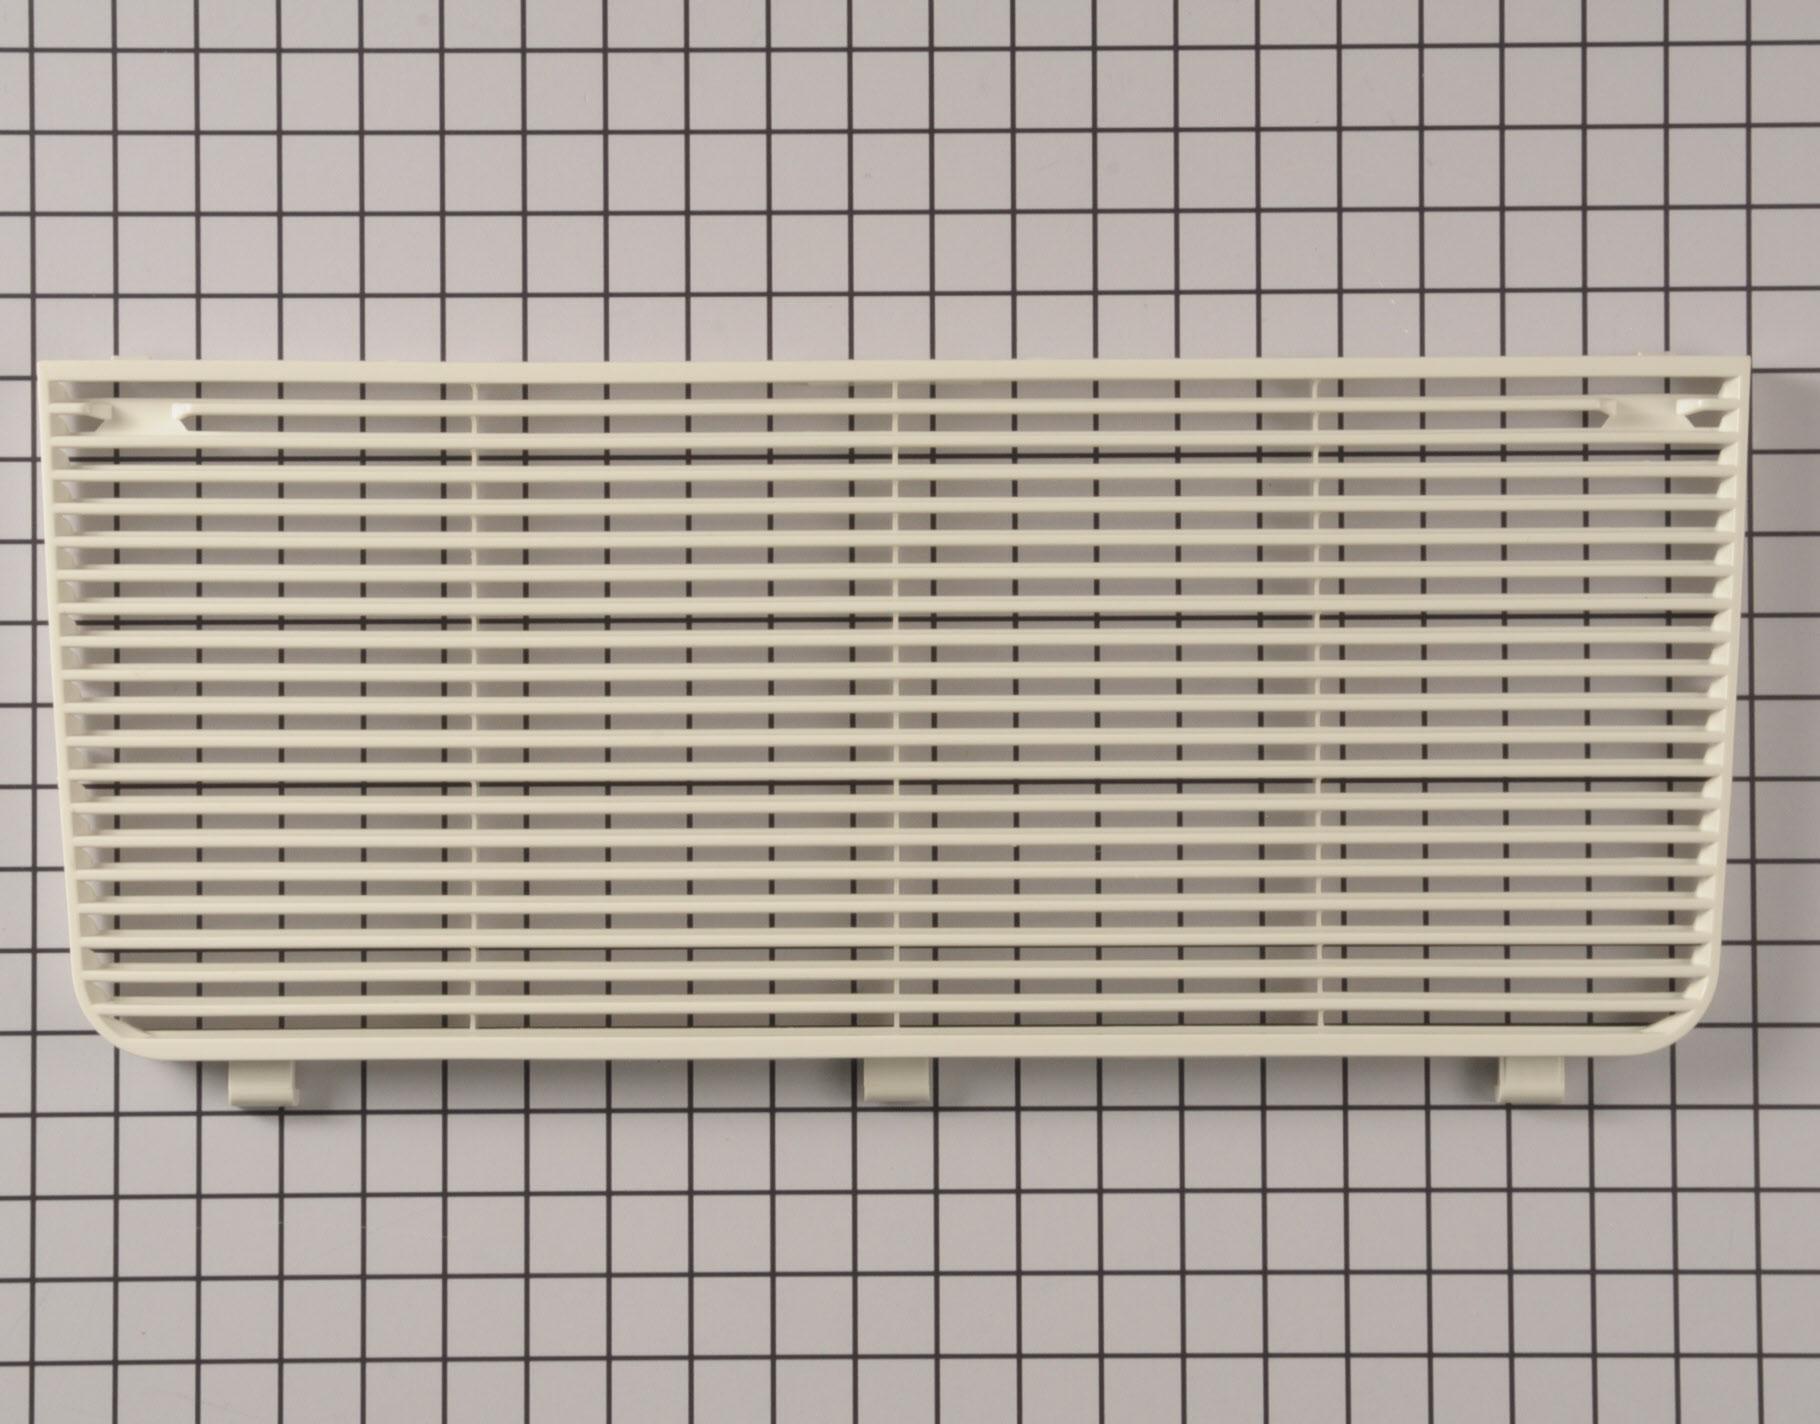 Frigidaire Air Conditioner Part # 5304483204 - Control Panel